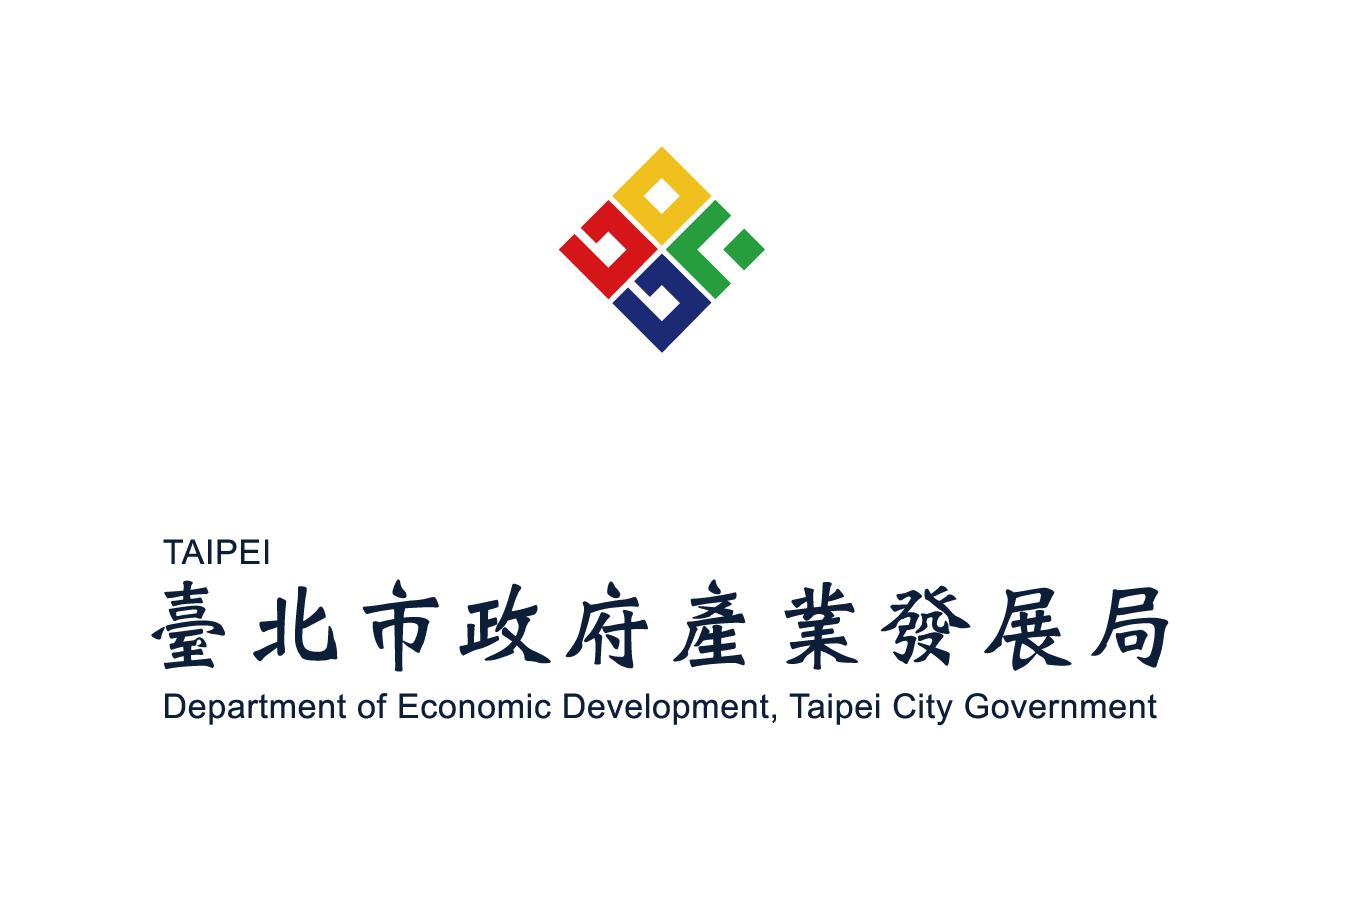 臺北市補助創業團隊出國參與創業計畫